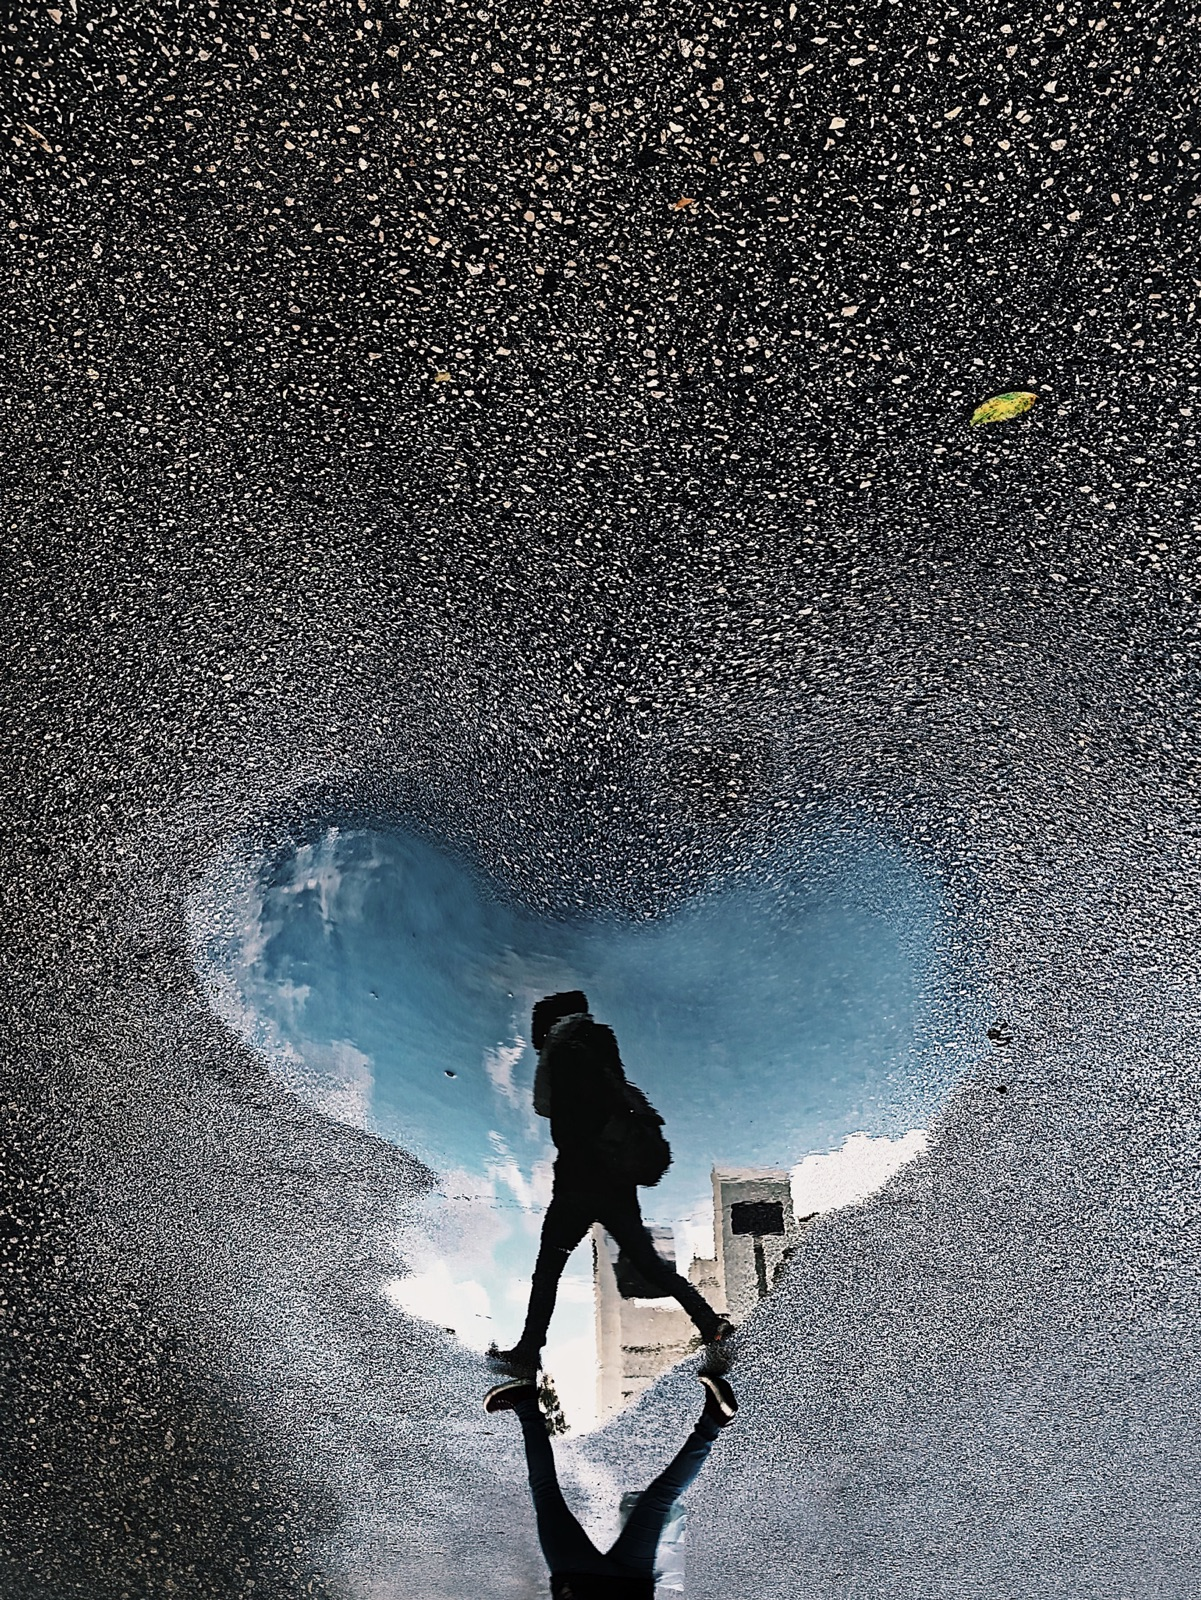 foto van een hartvormige plas op asfalt waarin je een persoon weerspiegeld ziet lopen